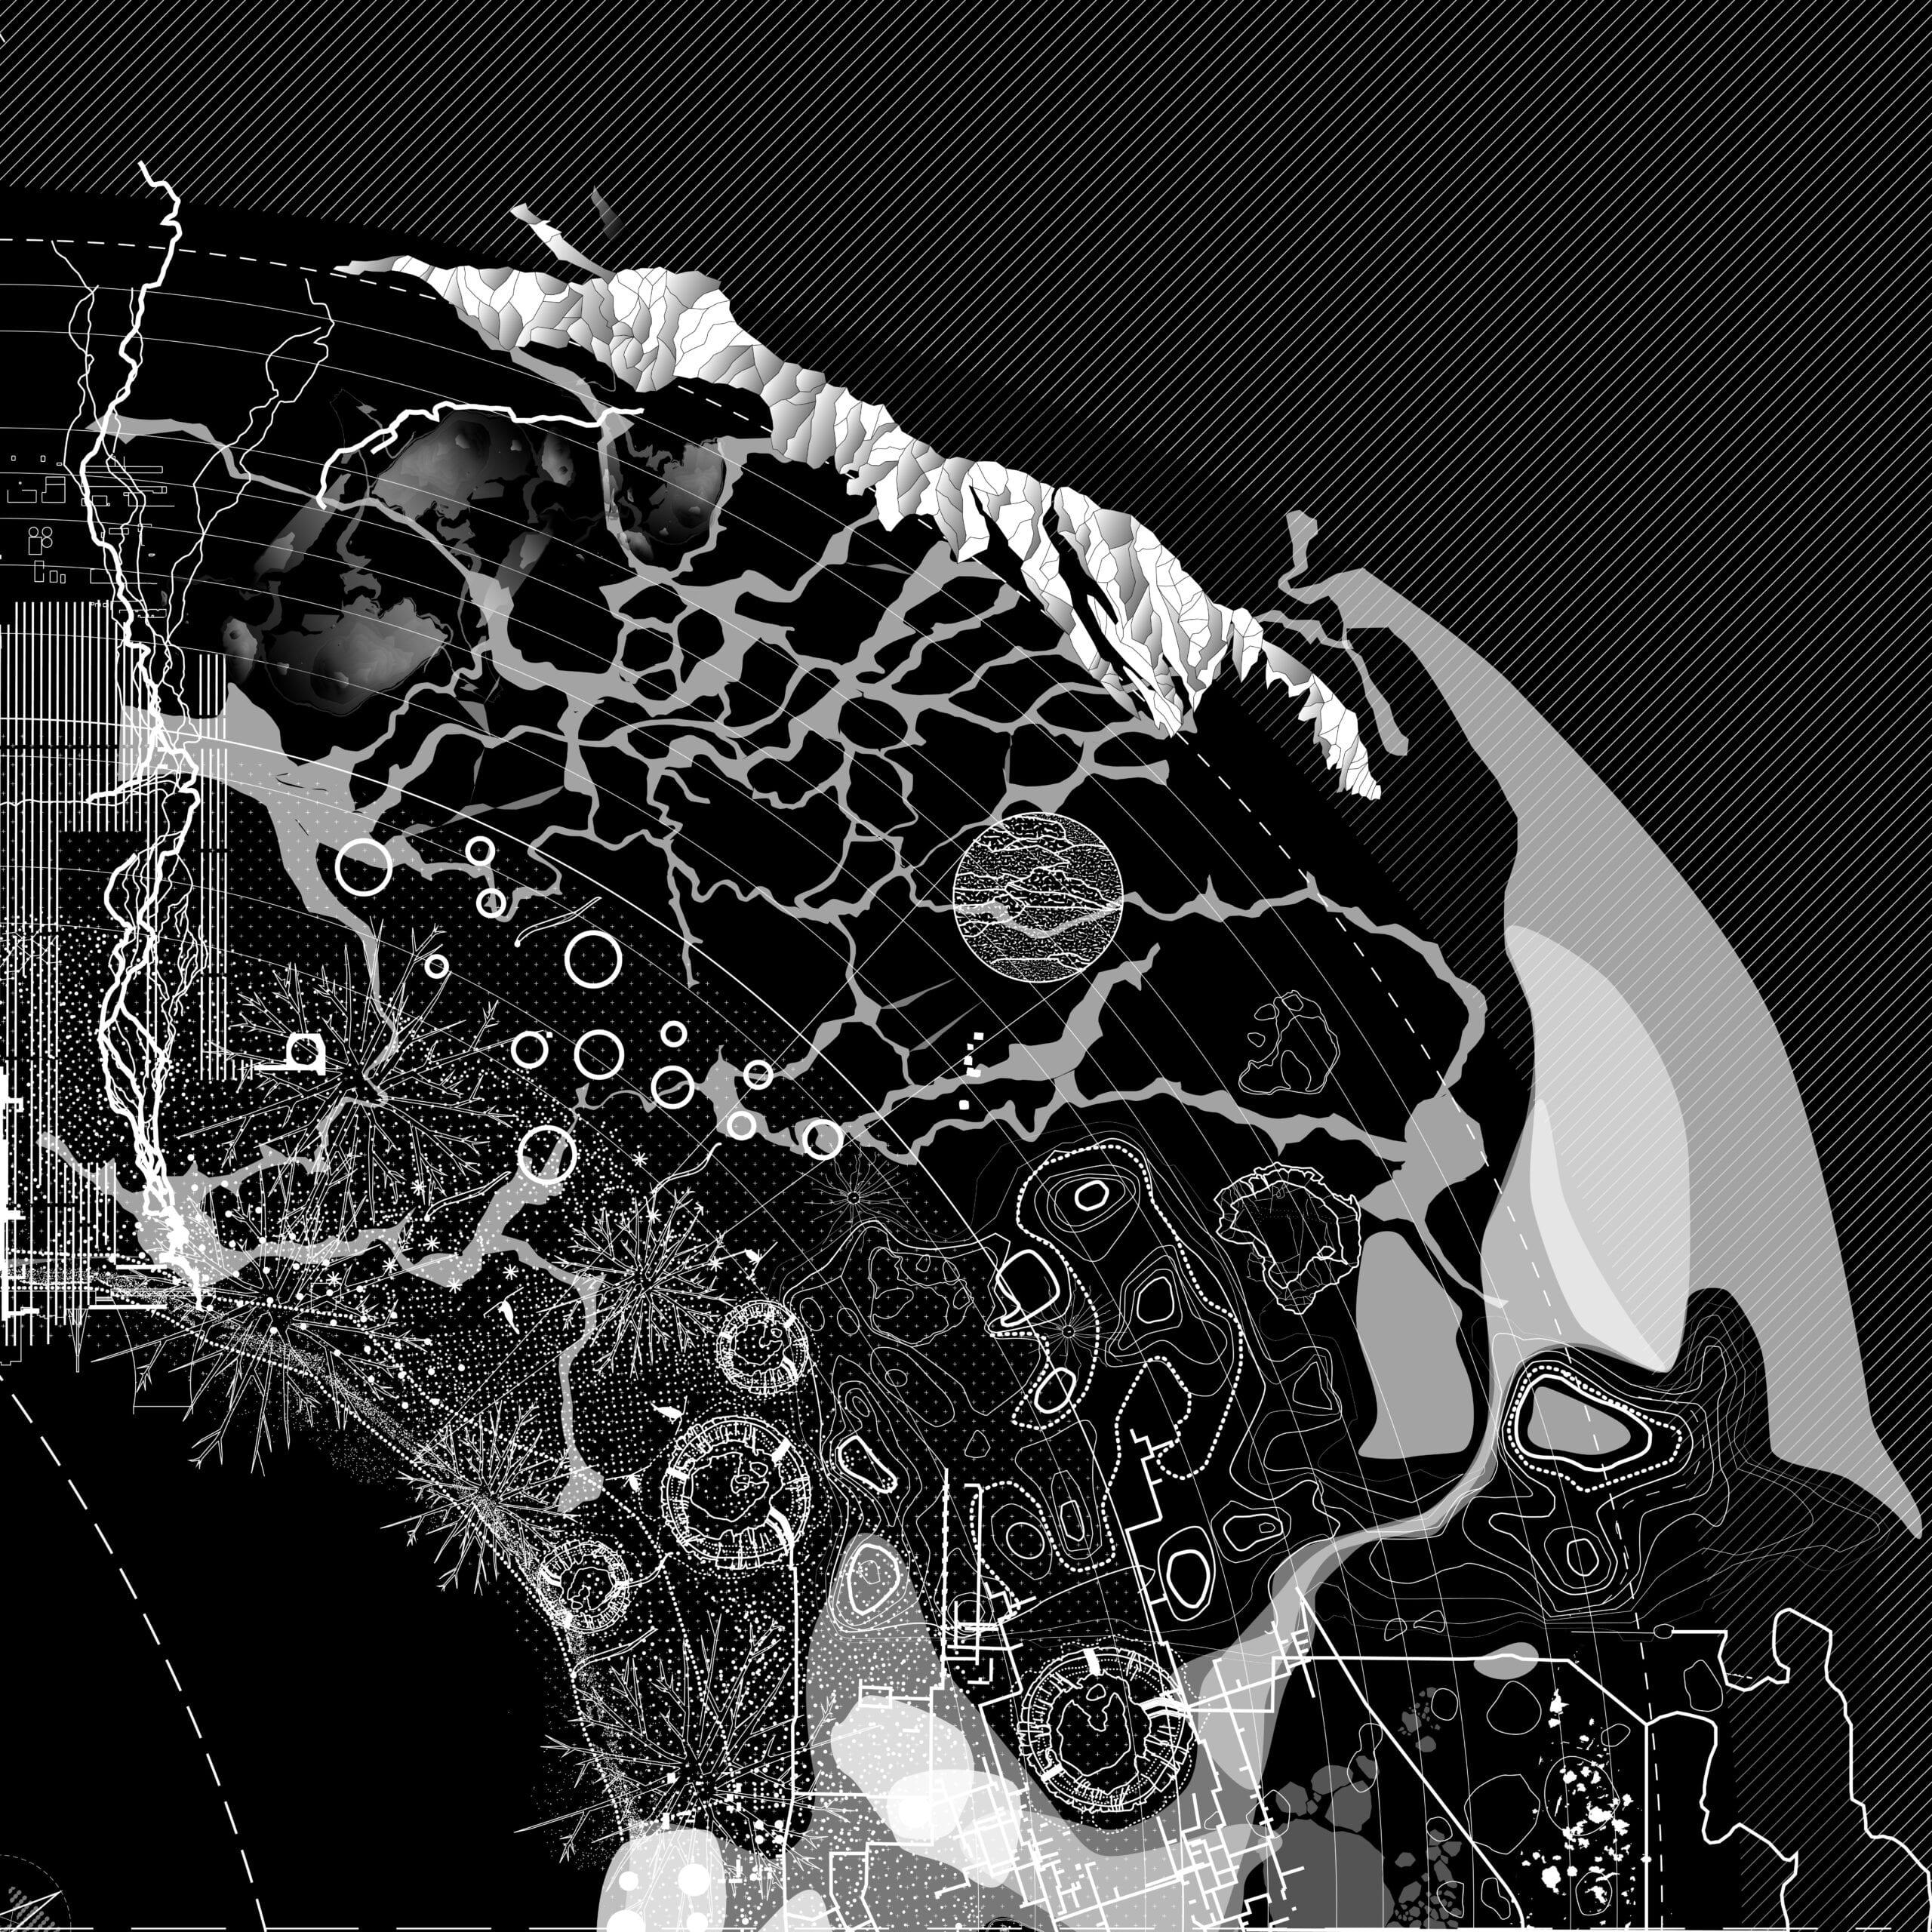 Центр в Карлсруэ откроет интерактивную выставку и фестиваль об угрозе экологической катастрофы